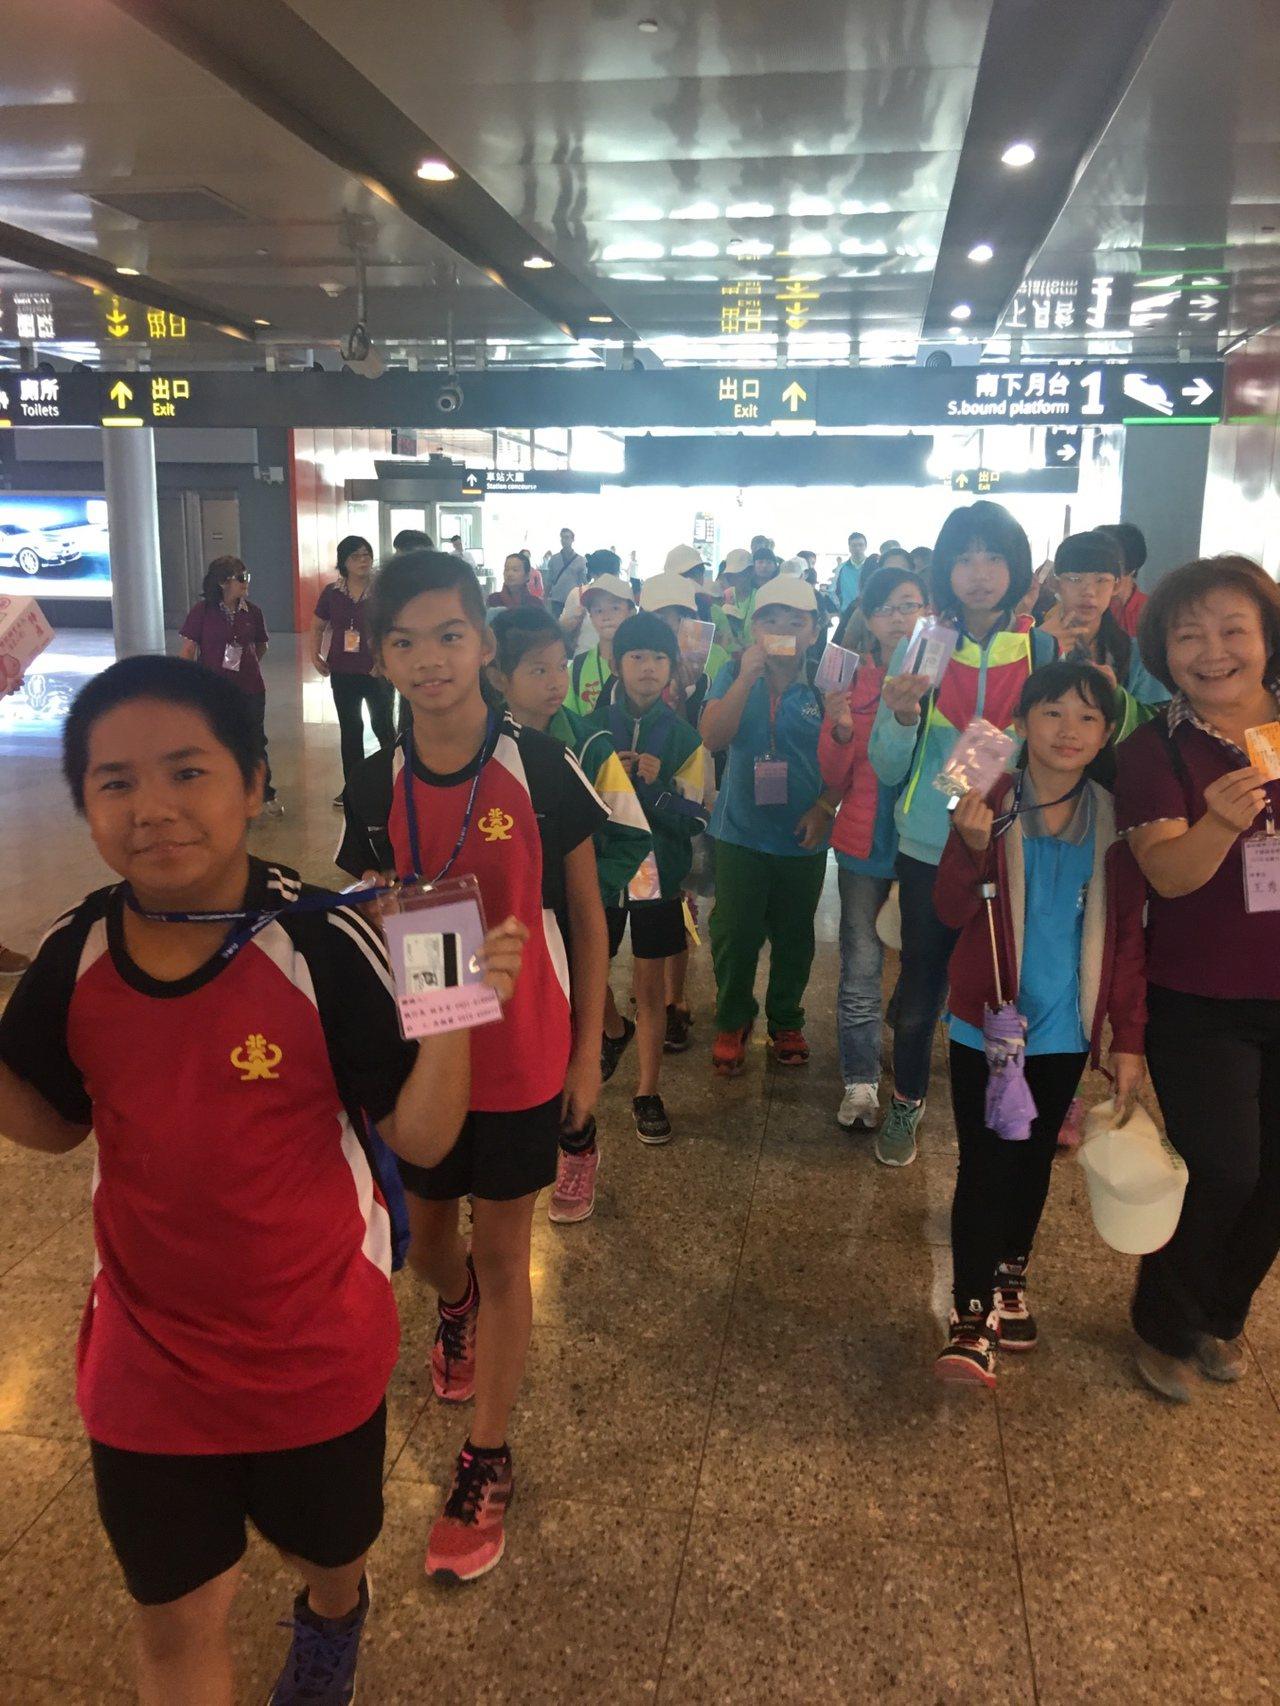 高鐵協助下,雲林小朋友開心圓夢參加台北一日遊。圖/高鐵雲林站提供